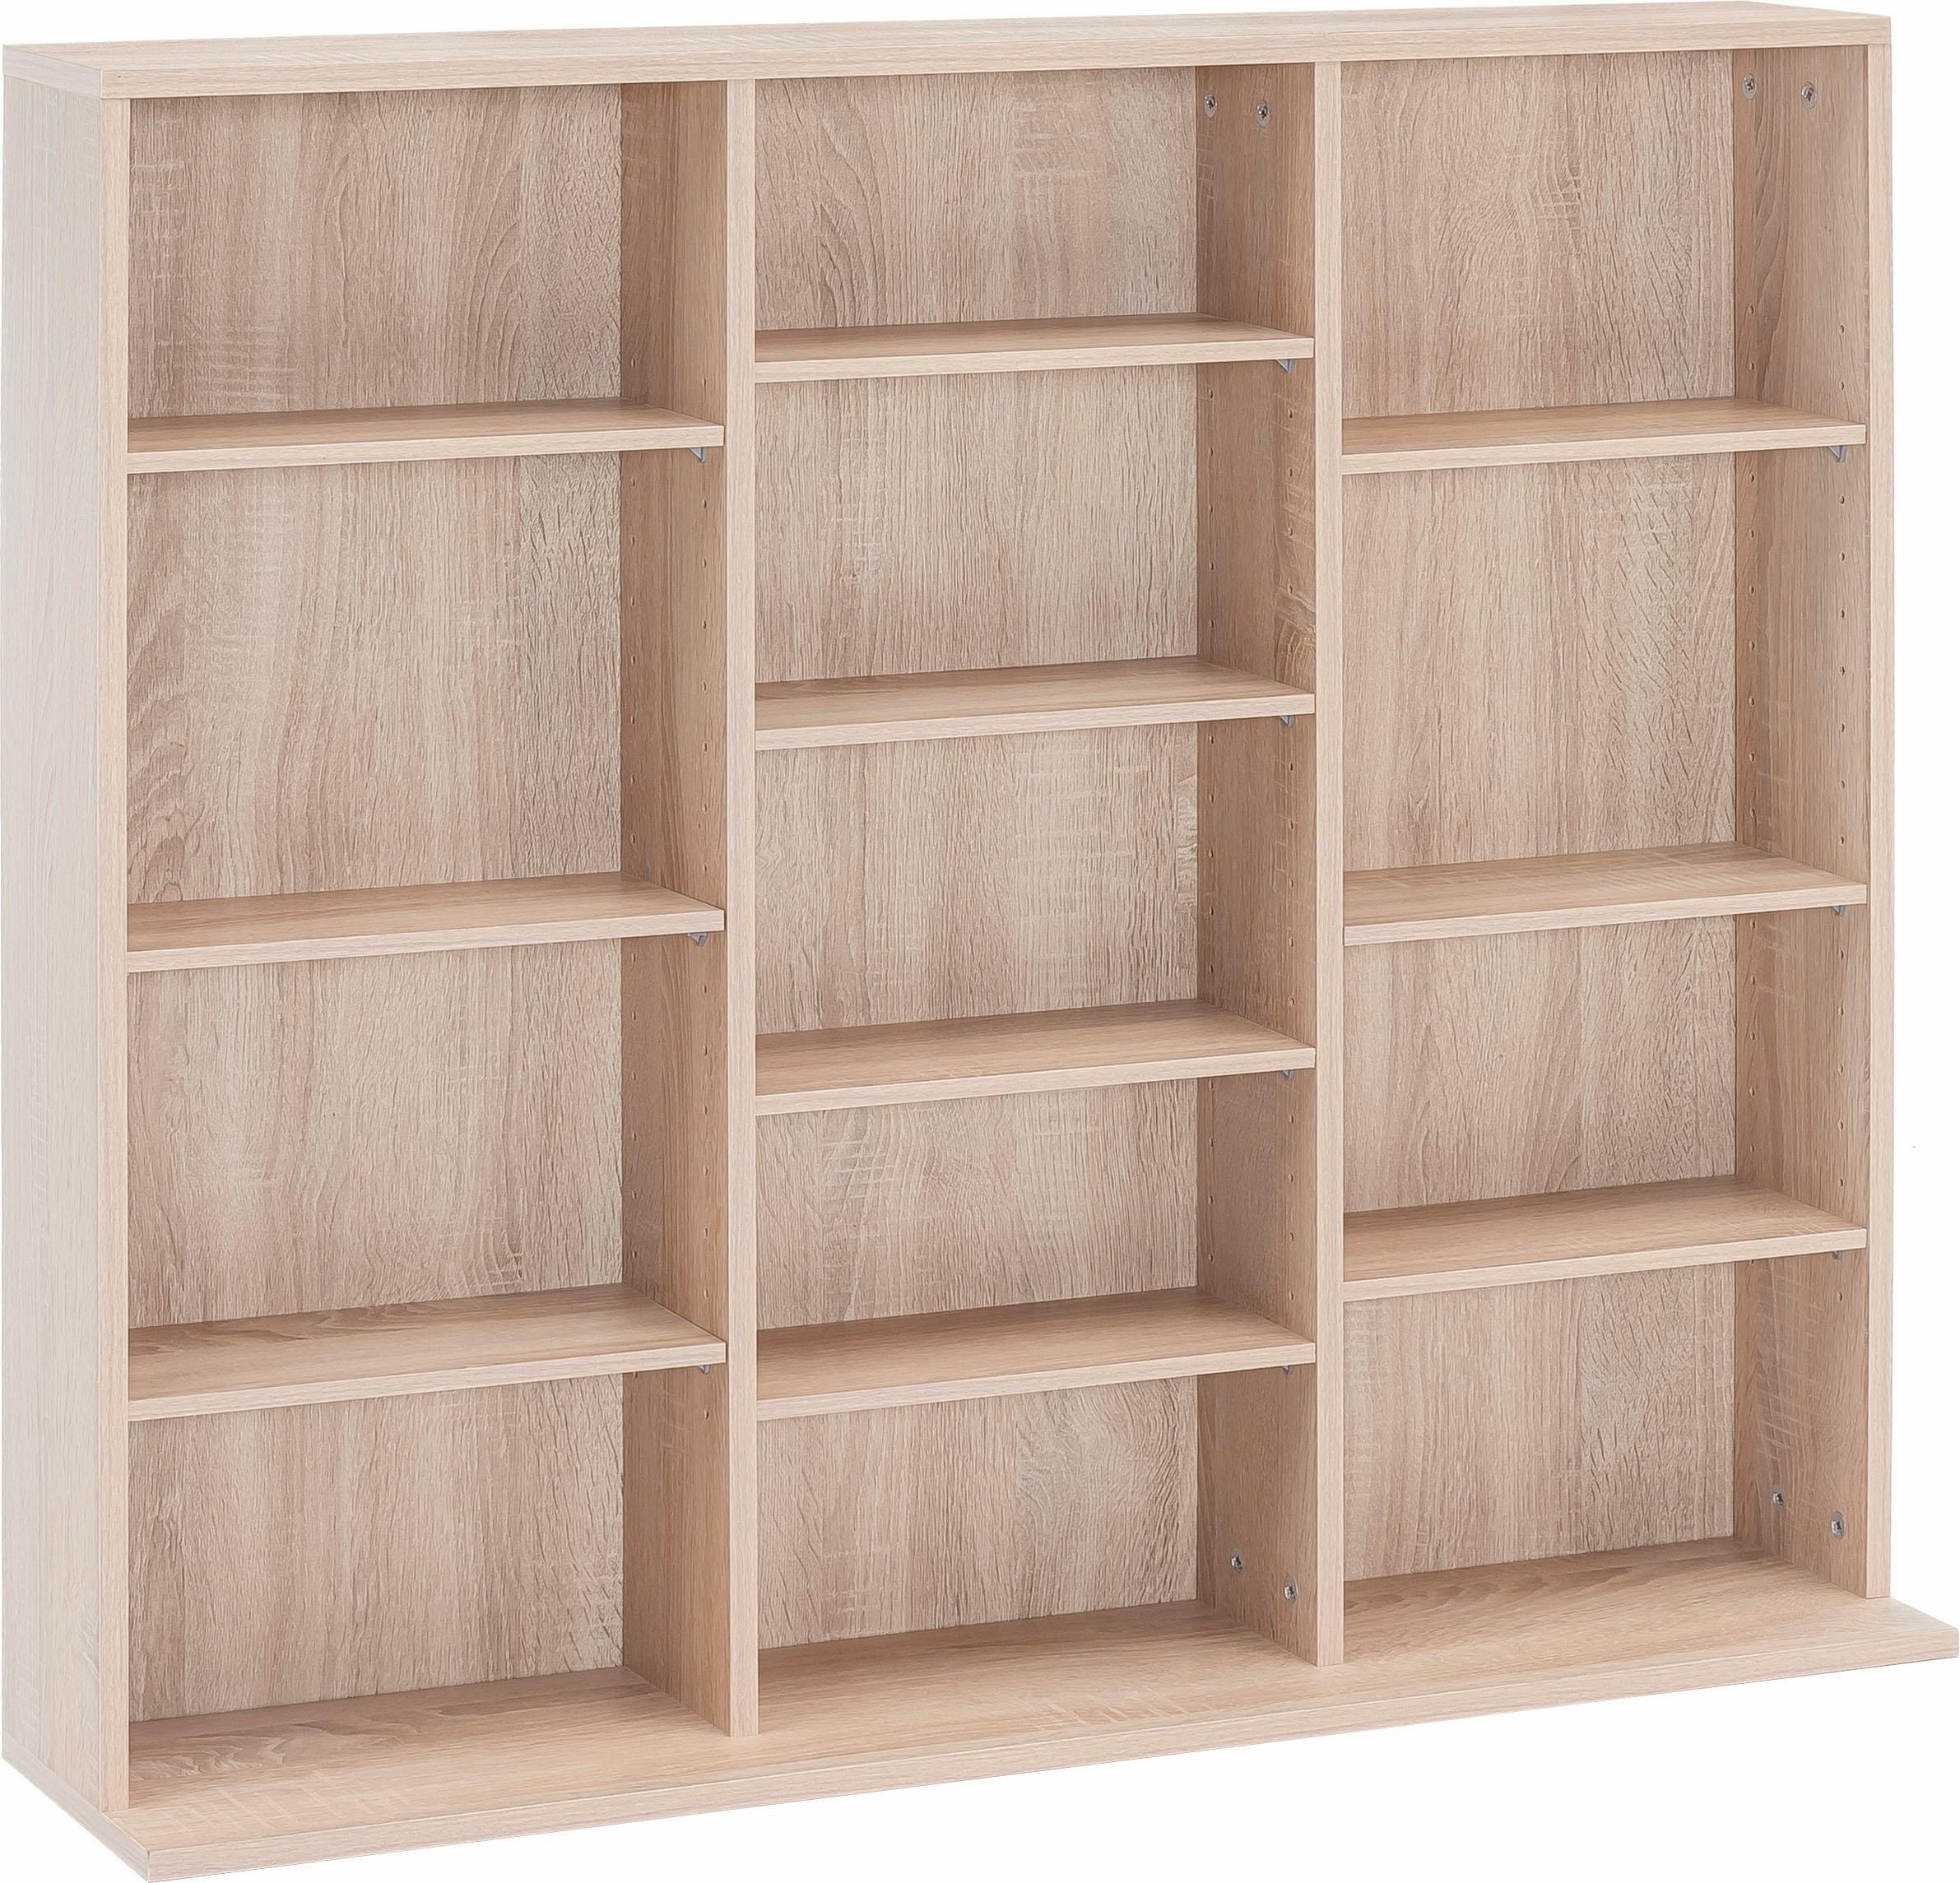 mediameubel met 13 vakken boekenkast